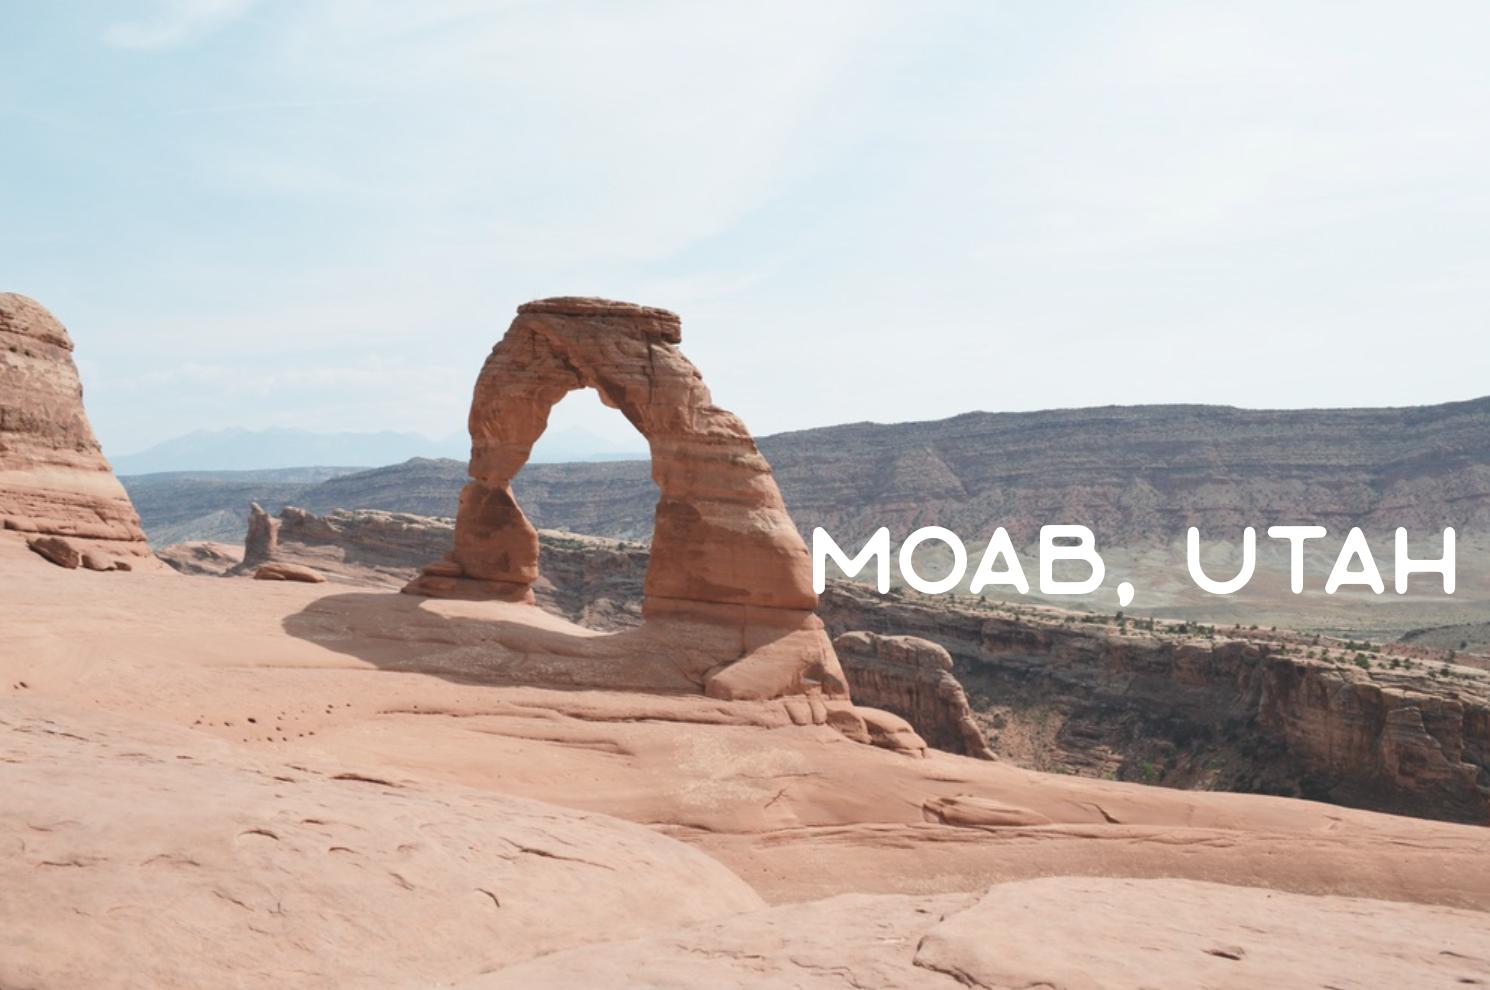 moab utah travel guide.png